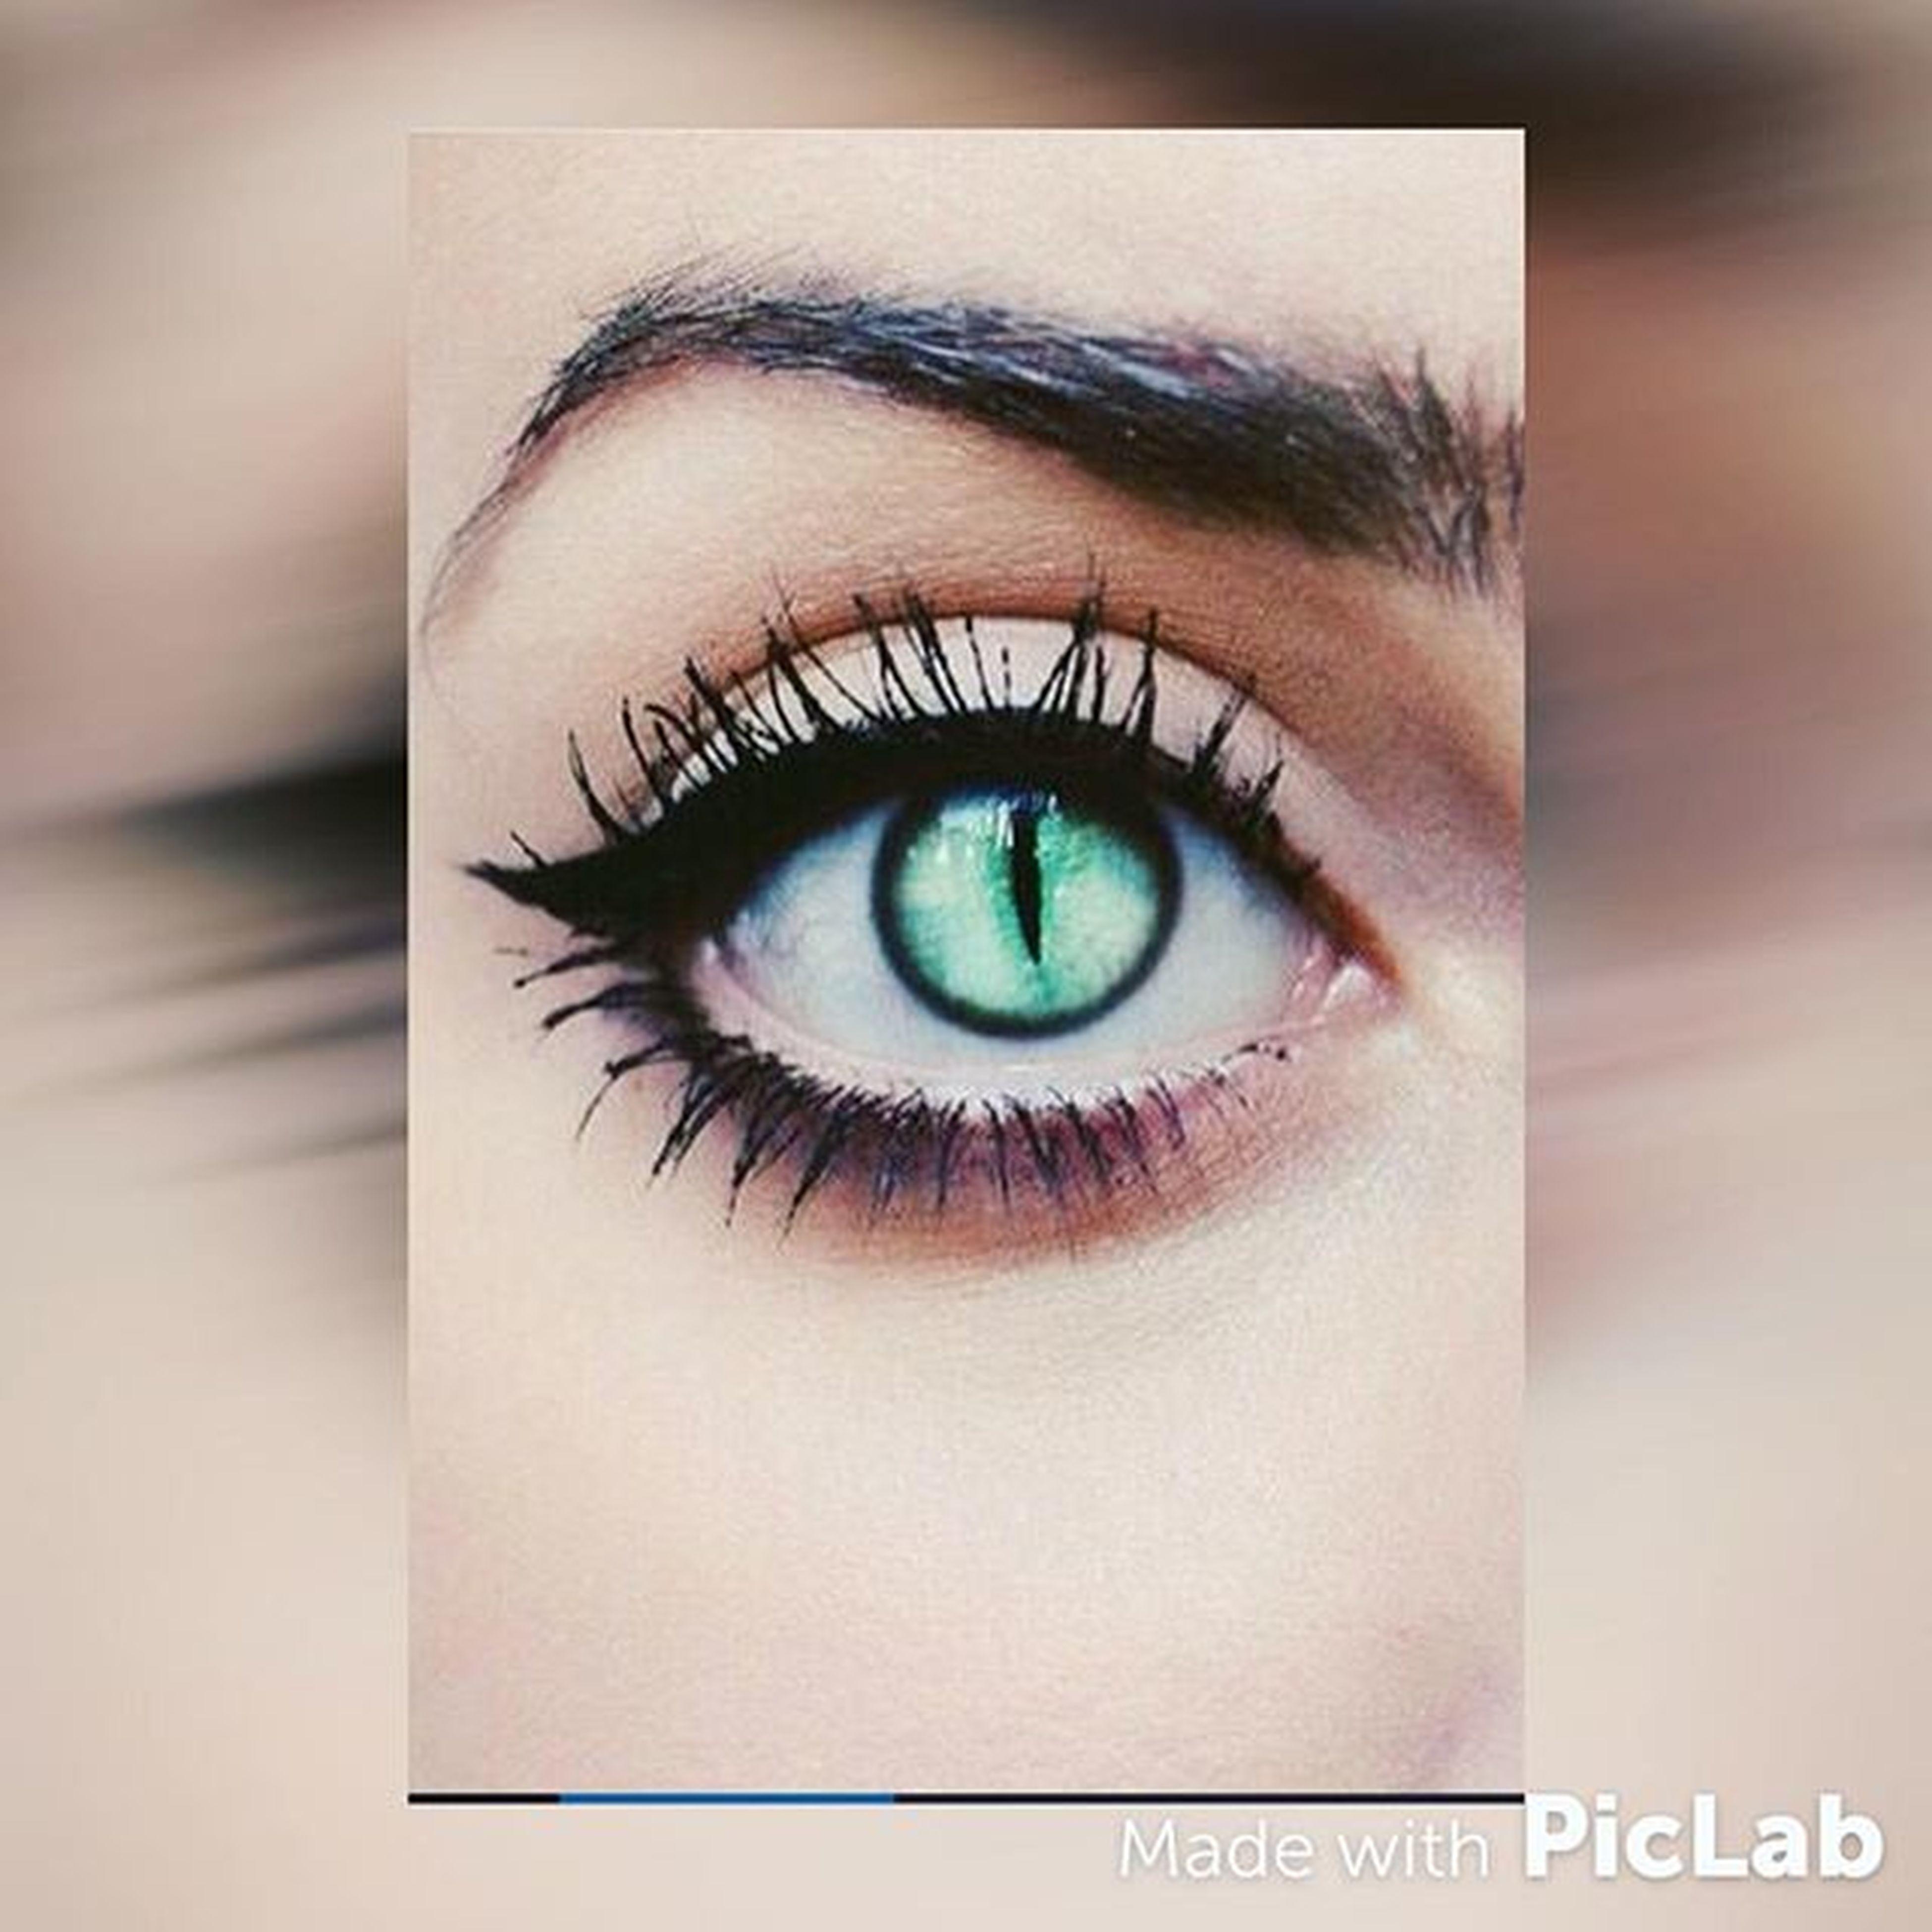 human eye, close-up, indoors, eyelash, eyesight, part of, sensory perception, circle, iris - eye, extreme close-up, full frame, portrait, reflection, looking at camera, human face, studio shot, eyeball